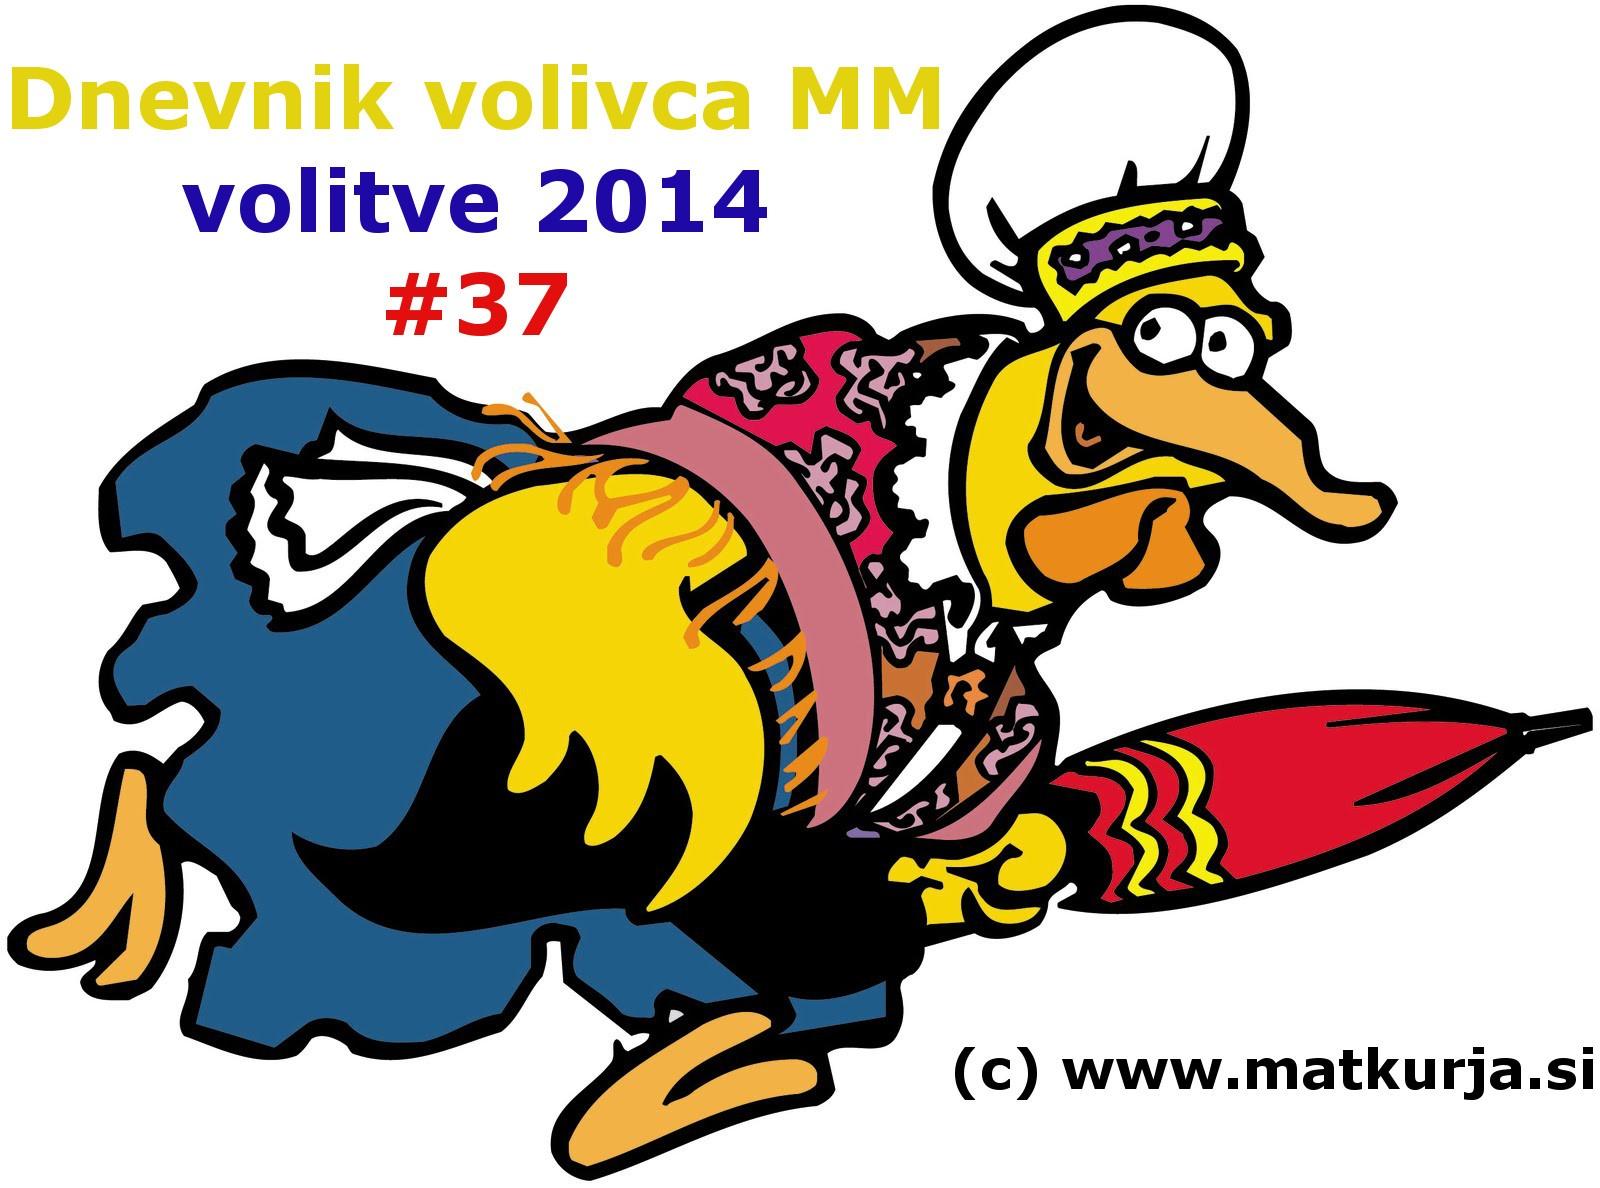 Dnevnik volivca 037 - Dnevnik volivca MM (volitve 2014) – #37